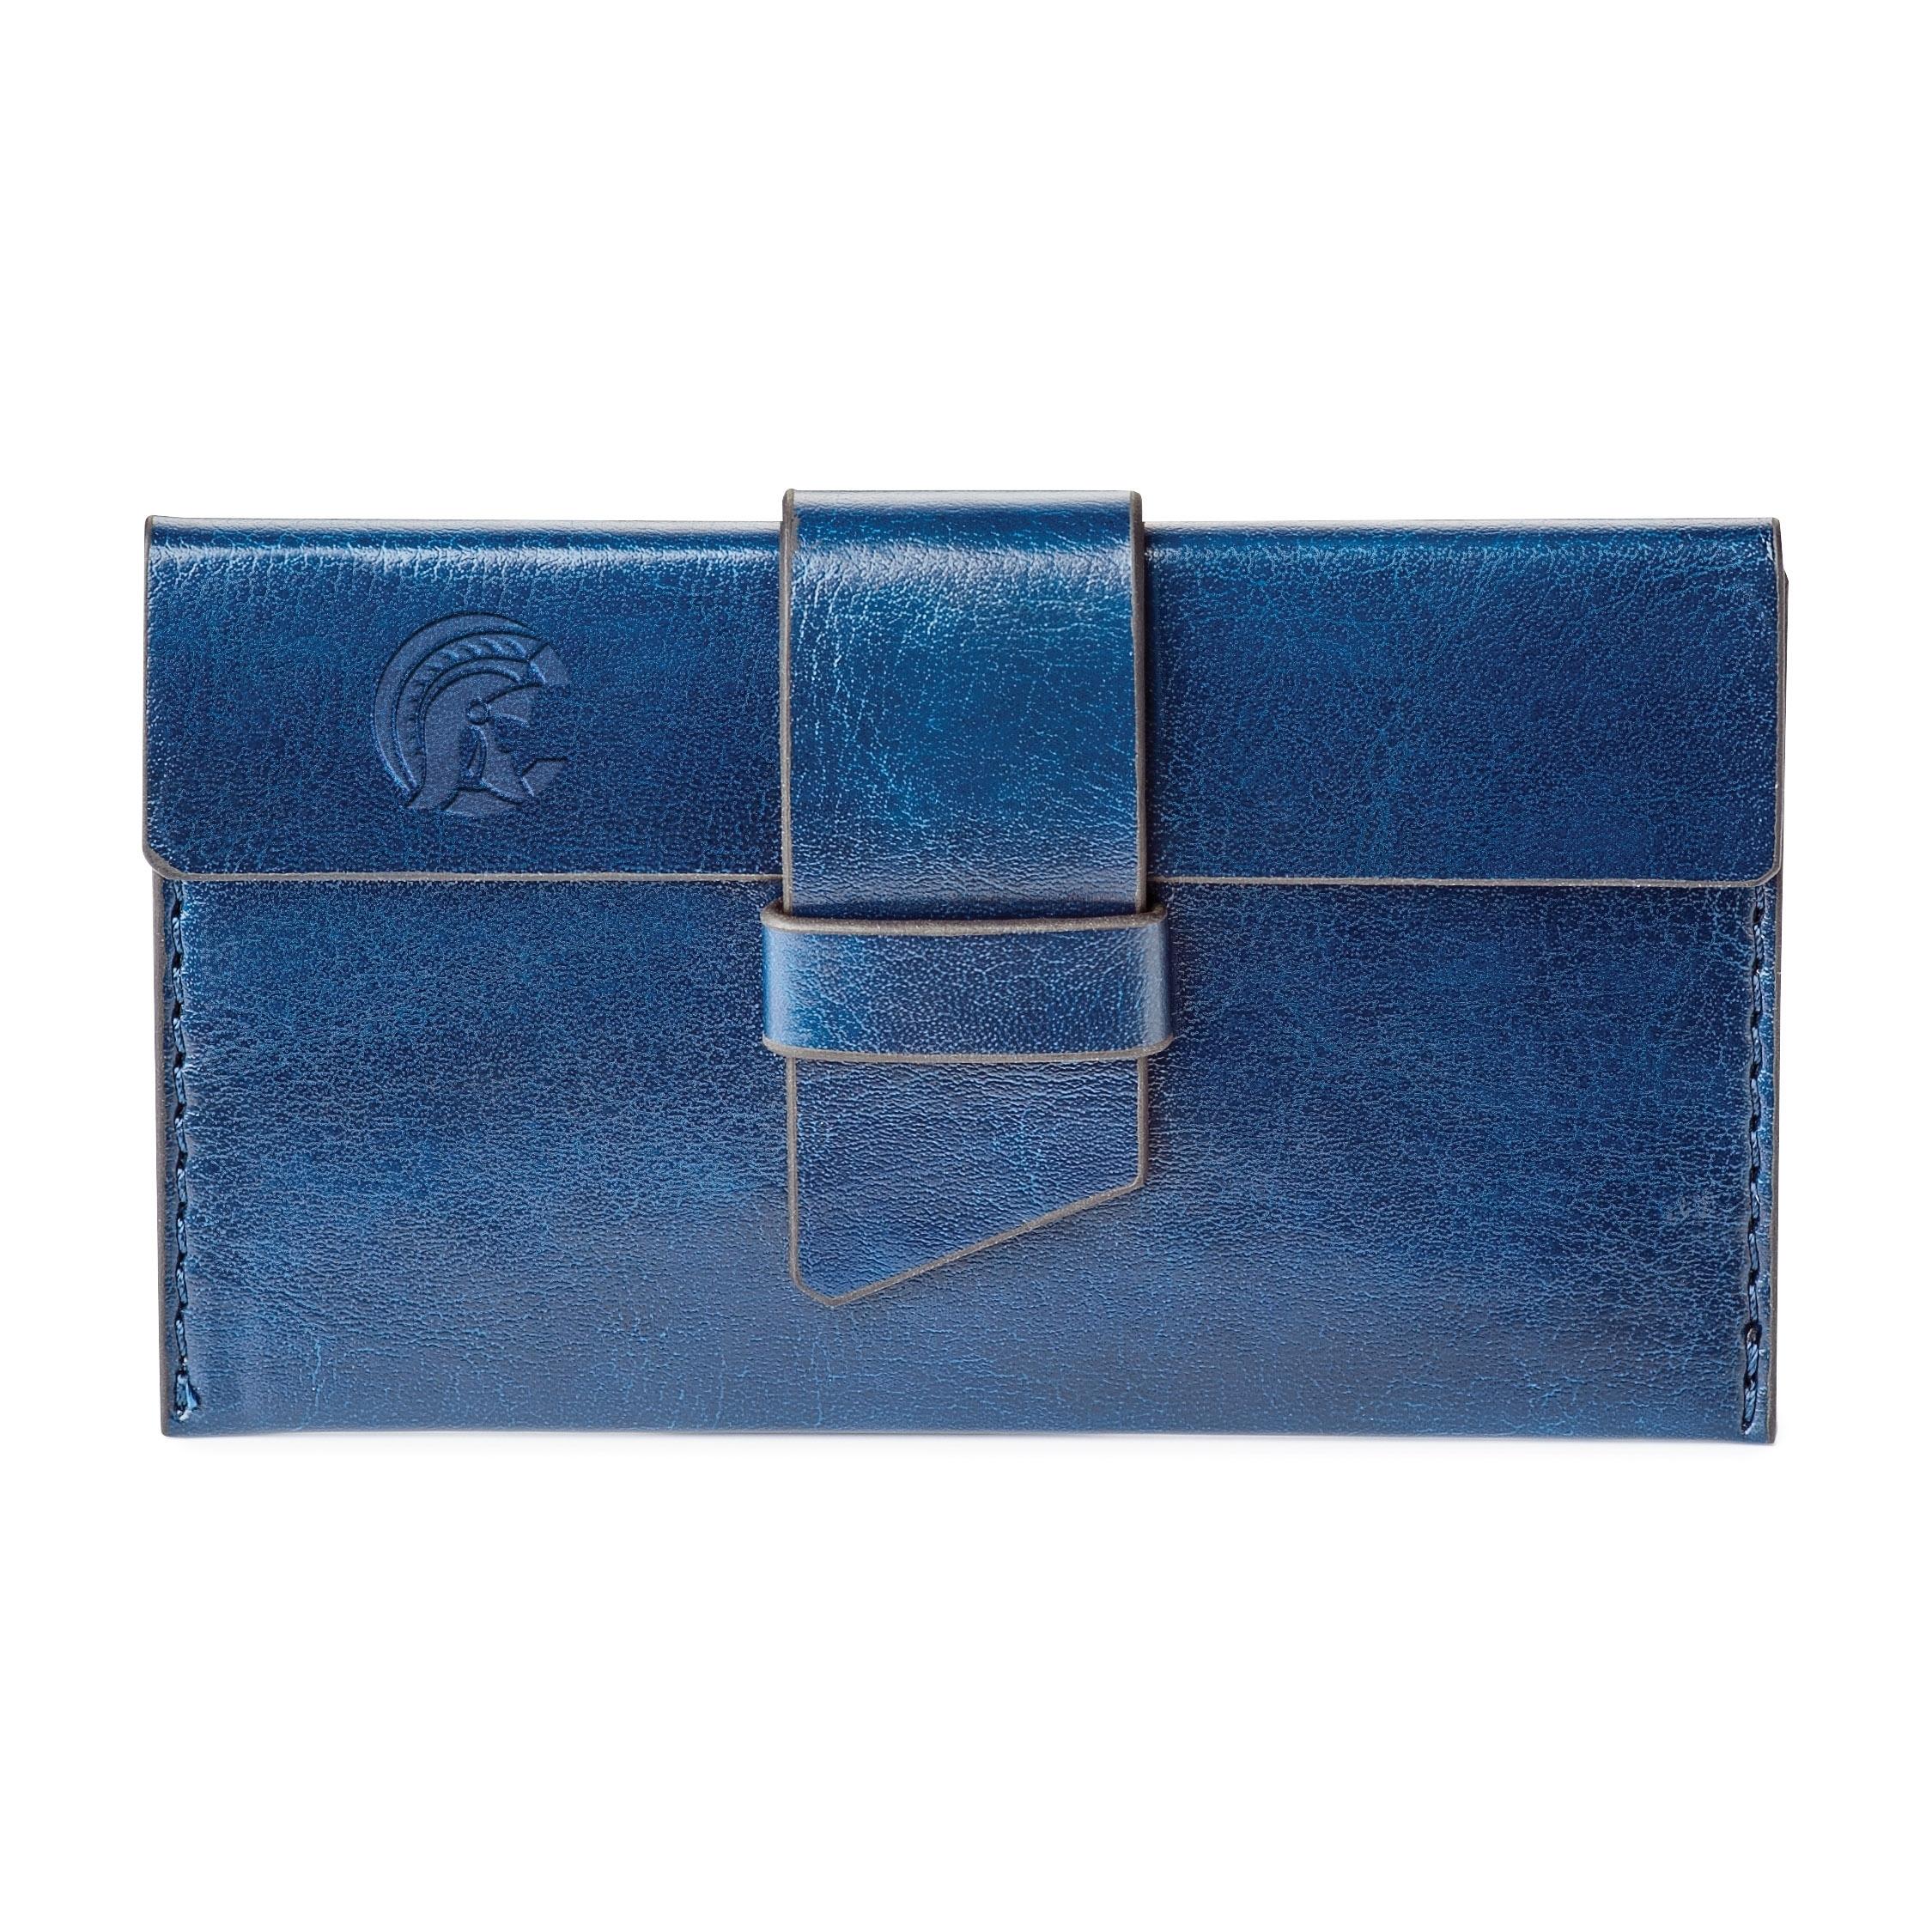 Venezia Card Case